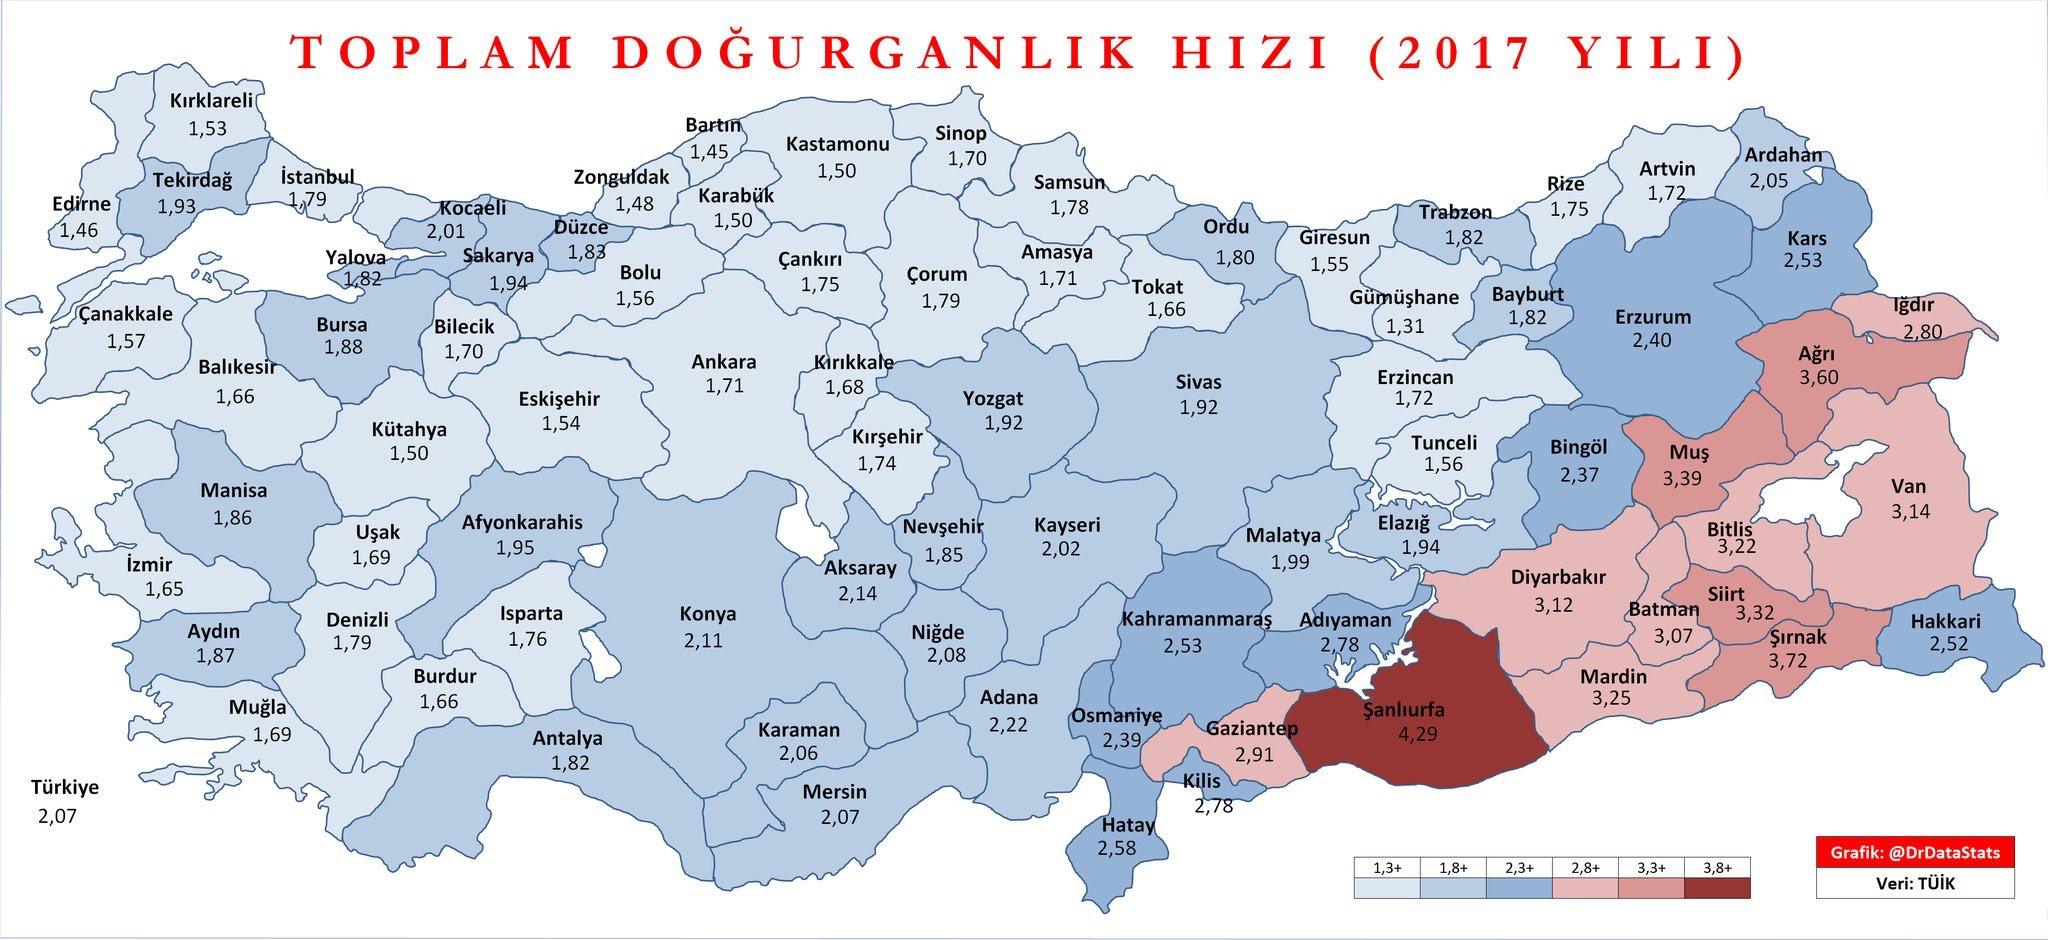 Ελληνοτουρκικά: Το κρυφό τουρκικό πρόβλημα που κανείς δεν αναφέρει αλλά κοιτάξει κάποιος τα στοιχεία το βλέπει ξεκάθαρα.